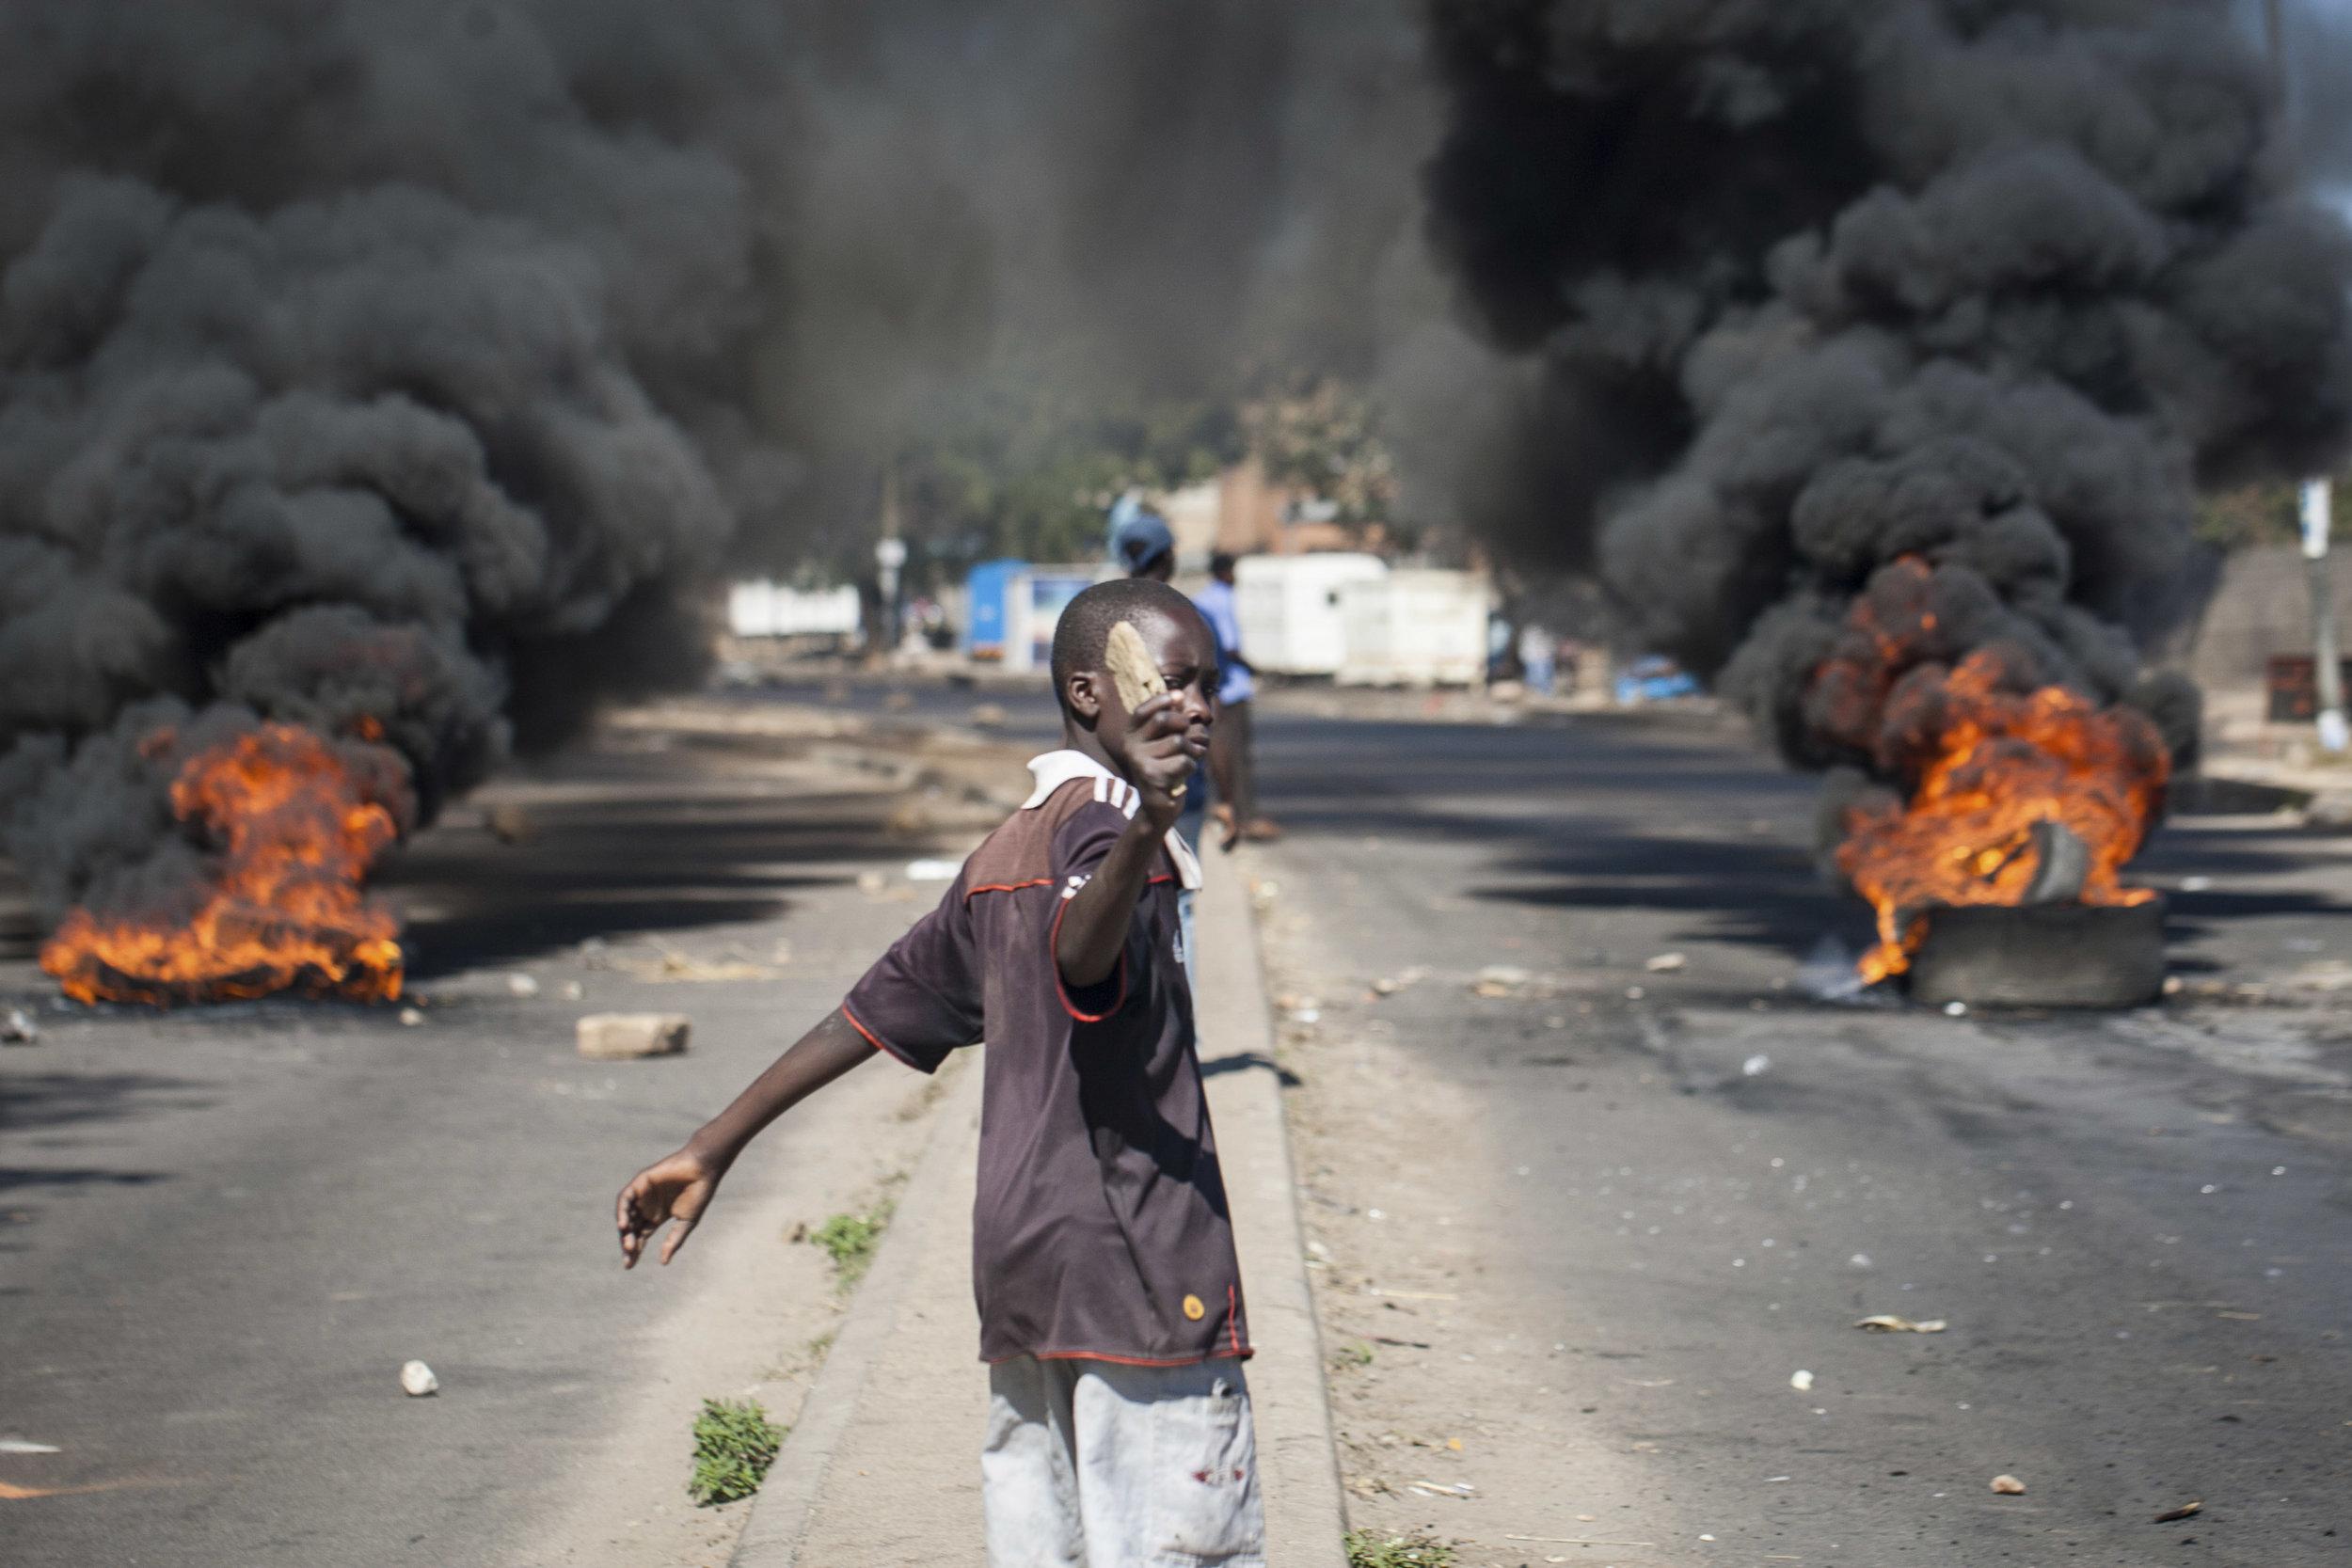 Shutdown Zimbabwe